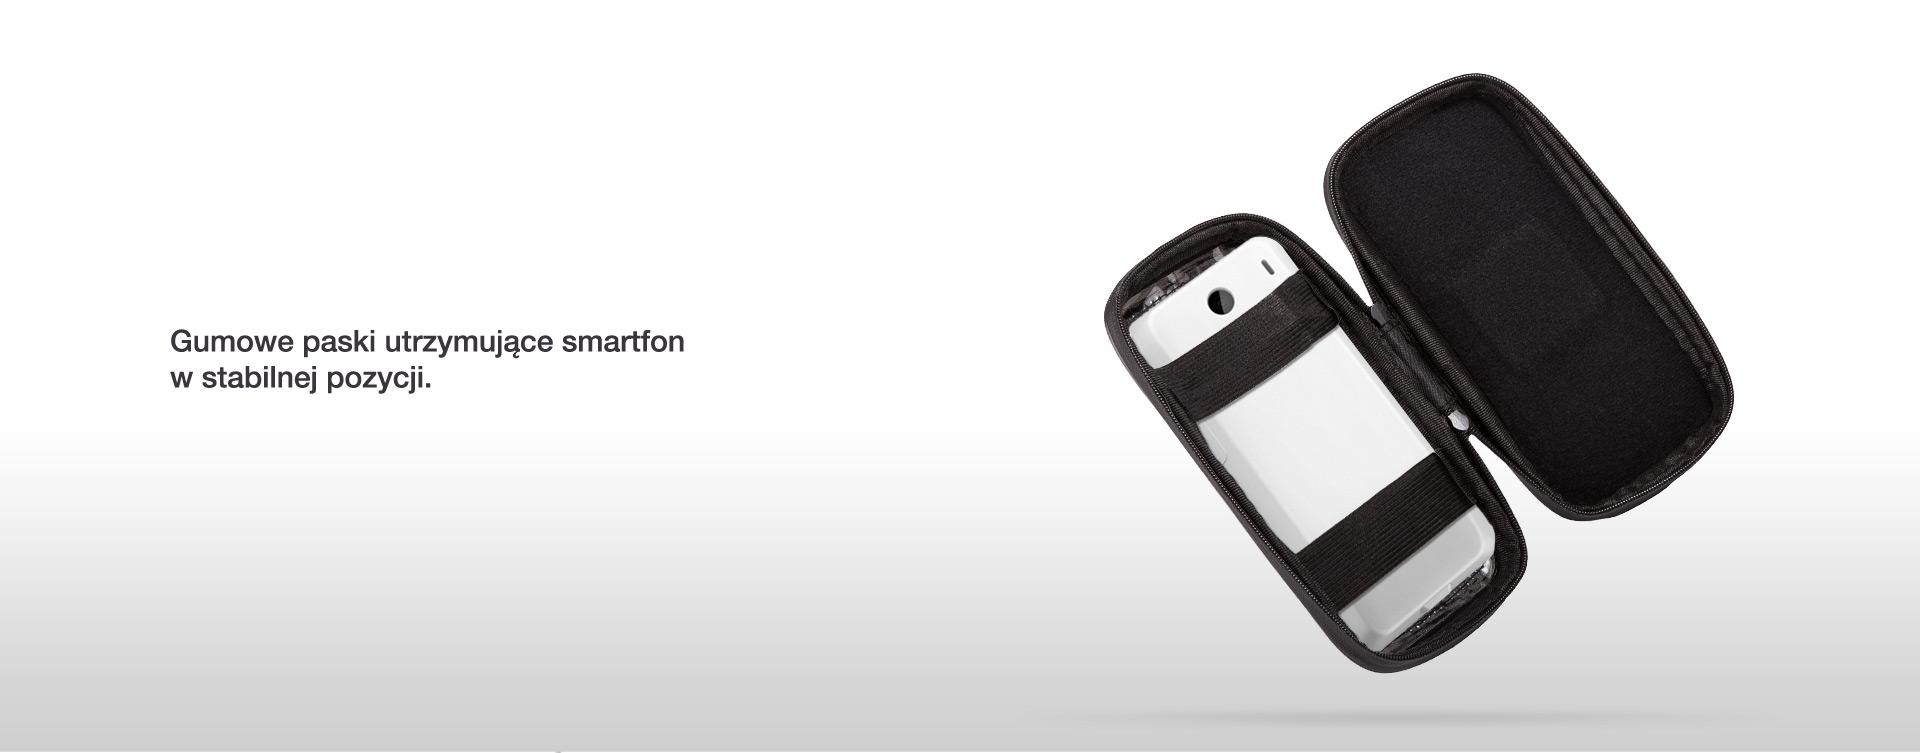 Gumowe paski utrzymujące smartfon w stabilnej pozycji.